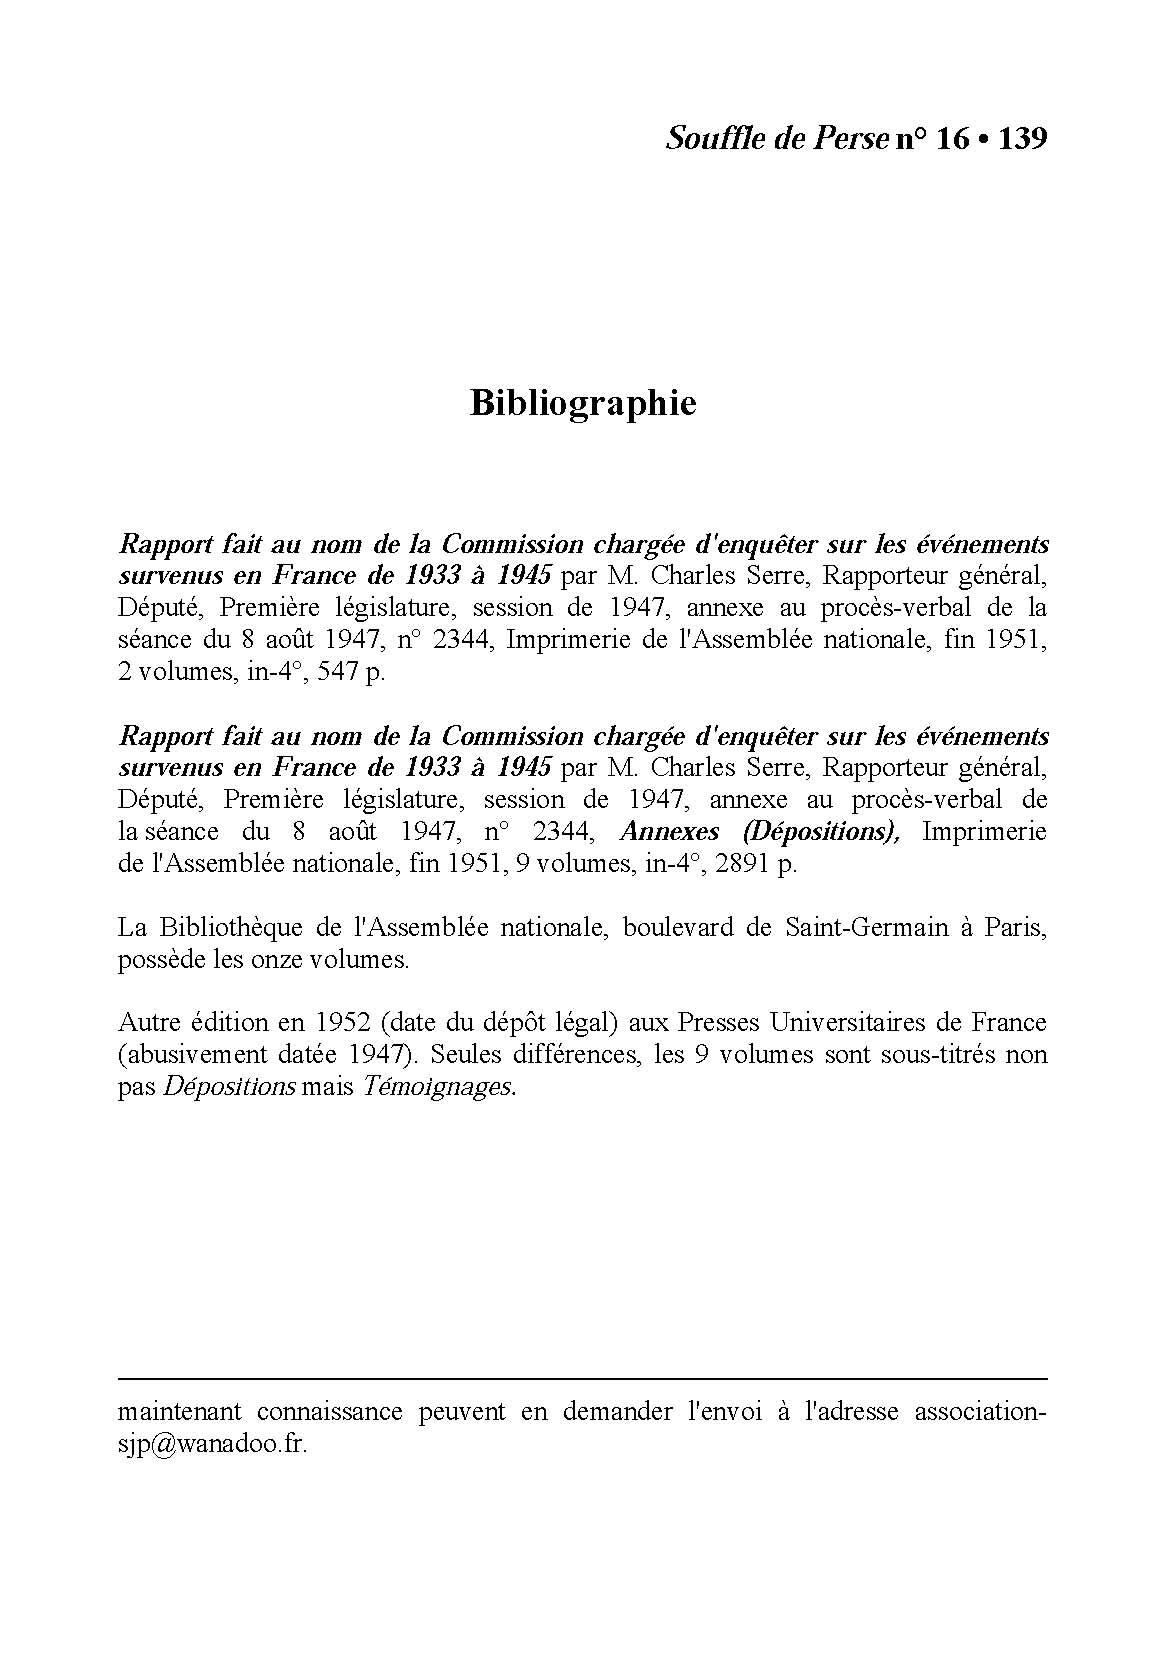 pages-de-souffle-n-16-p-116-a-139_page_24